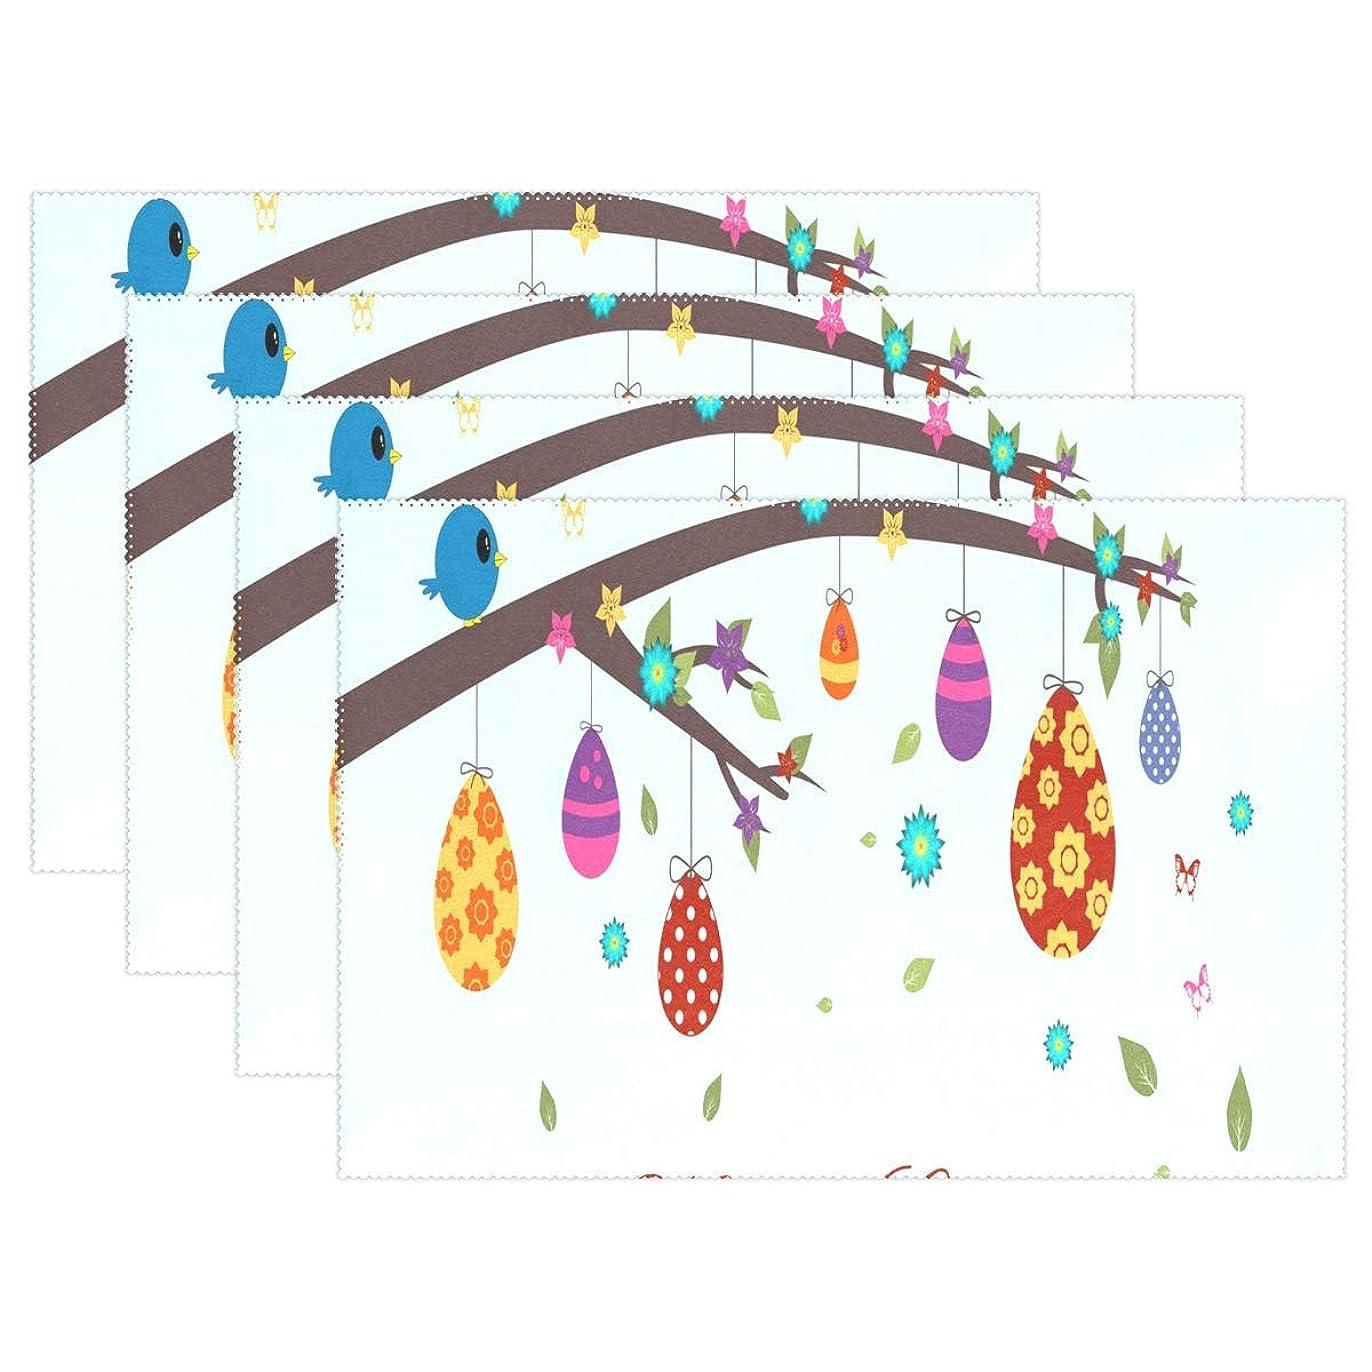 発症適応する上げるランチョンマット 鳥の卵イースター壁紙パーソナライズ台所用ディナーテーブル洗えるポリエステル滑り止め絶縁セット4 30 x45 cm